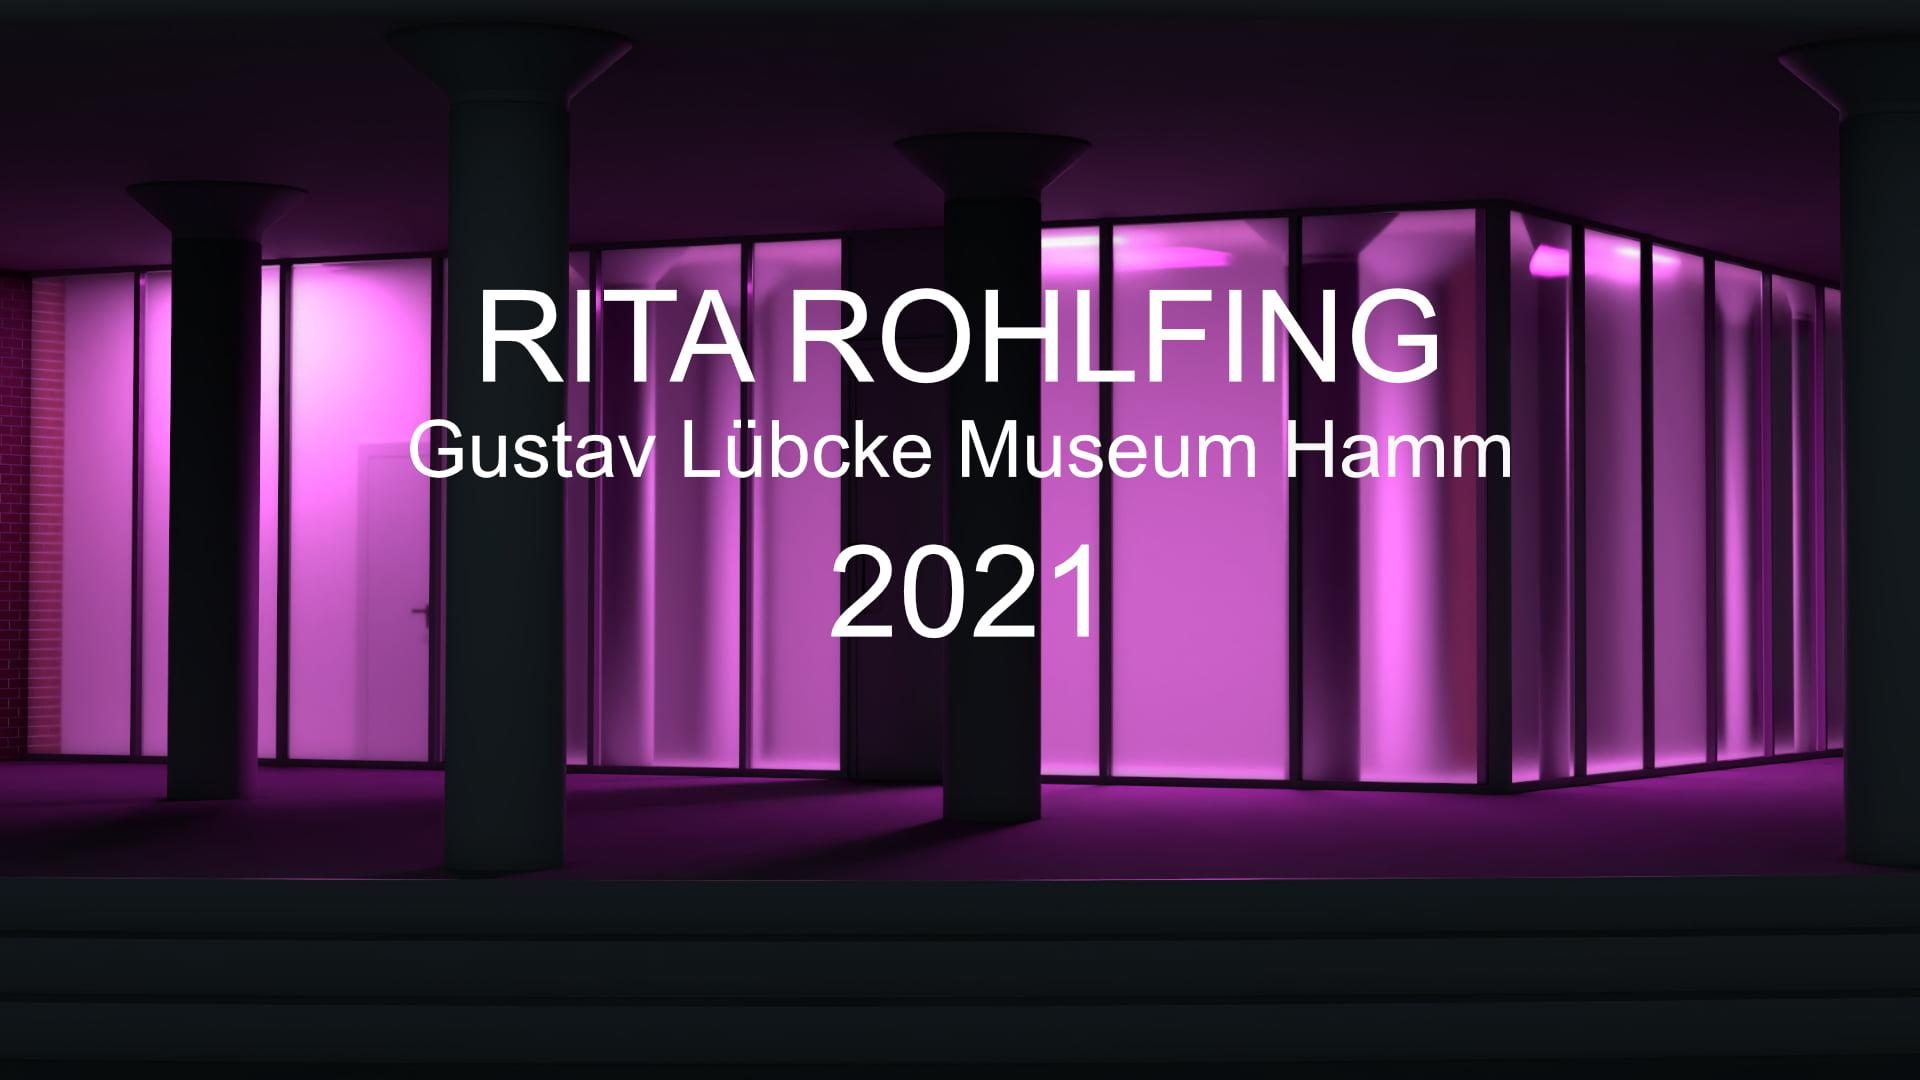 Rita-Rohlfing-Gustav-Luebcke-Museum-Hamm